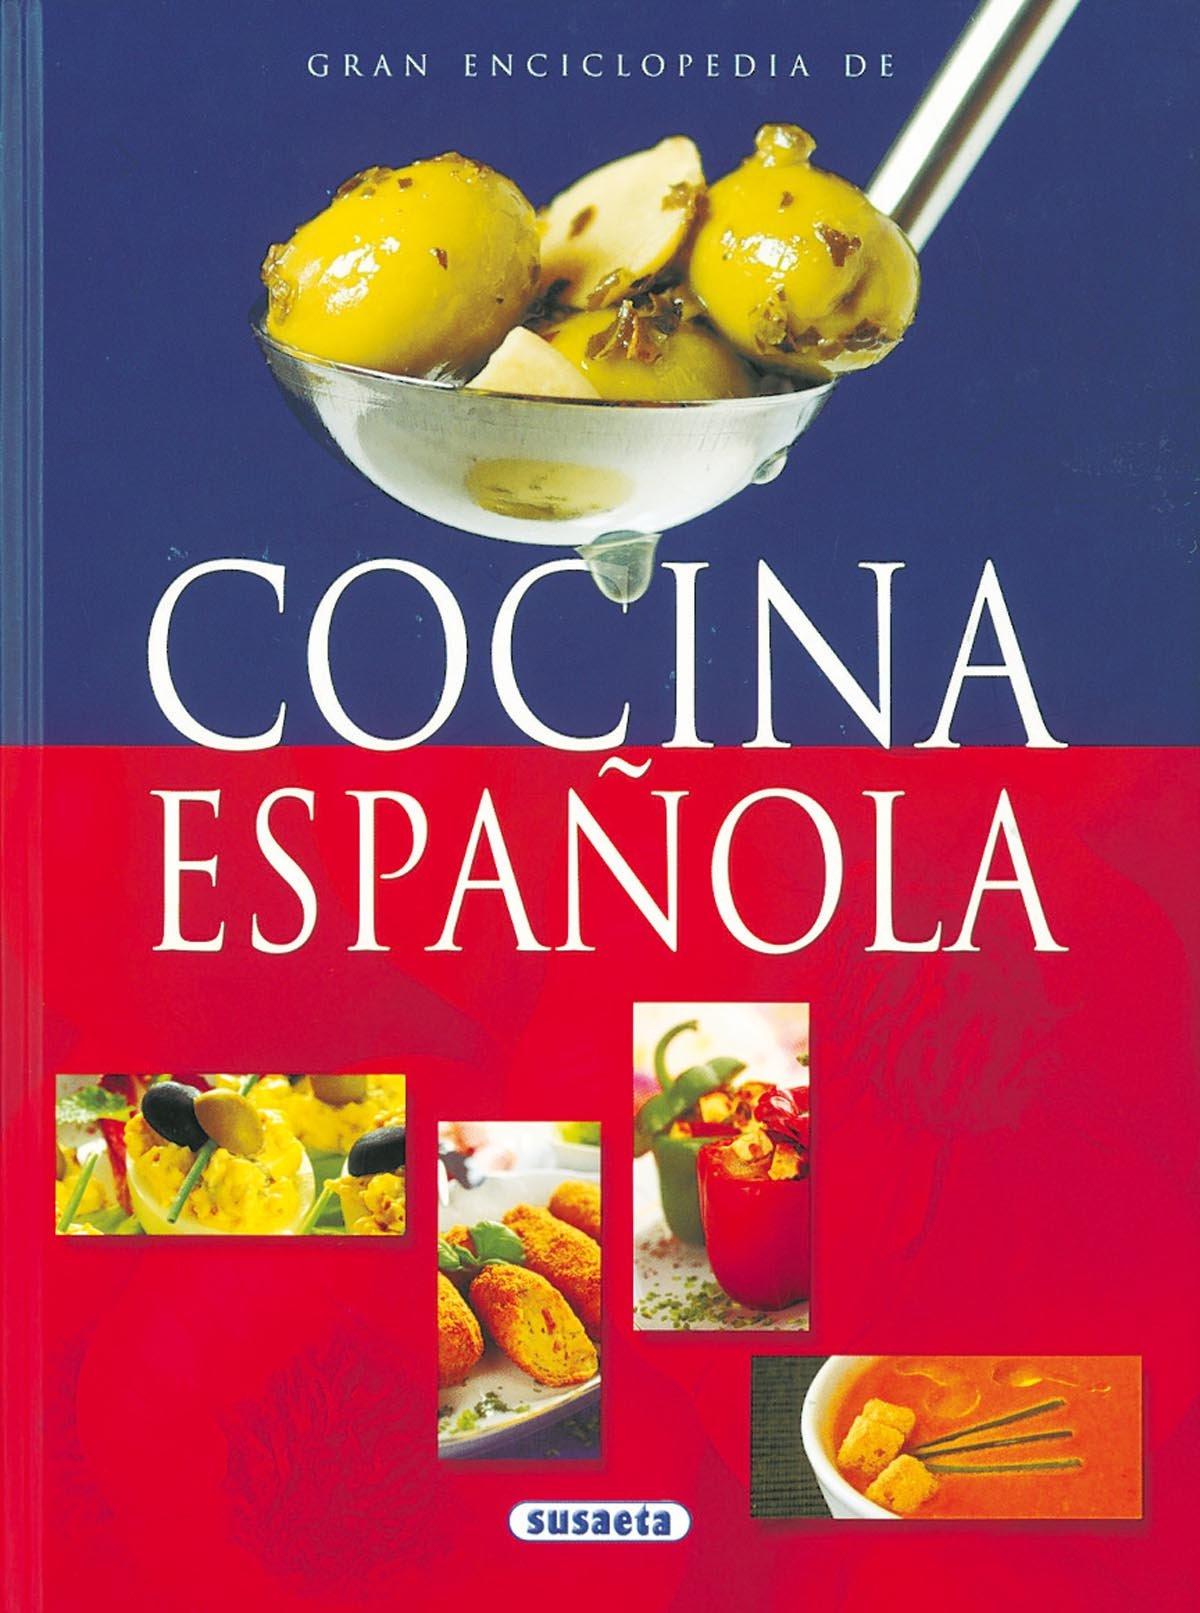 Gran enciclopedia de cocina española: Susaeta Ediciones ...